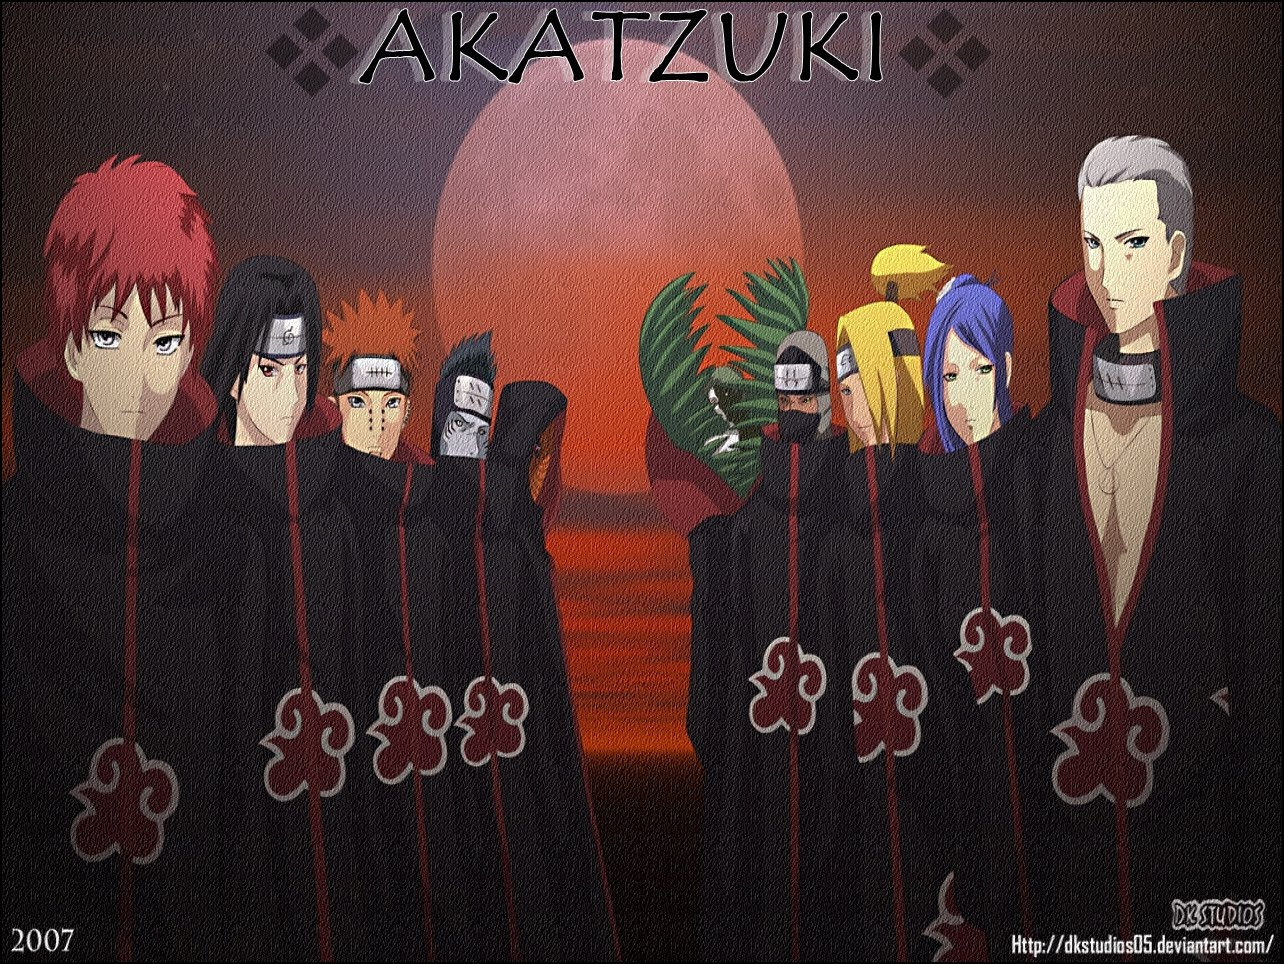 Amazing Wallpaper Naruto Akatsuki - %282%29+akatsuki-picture  You Should Have_66913.jpg